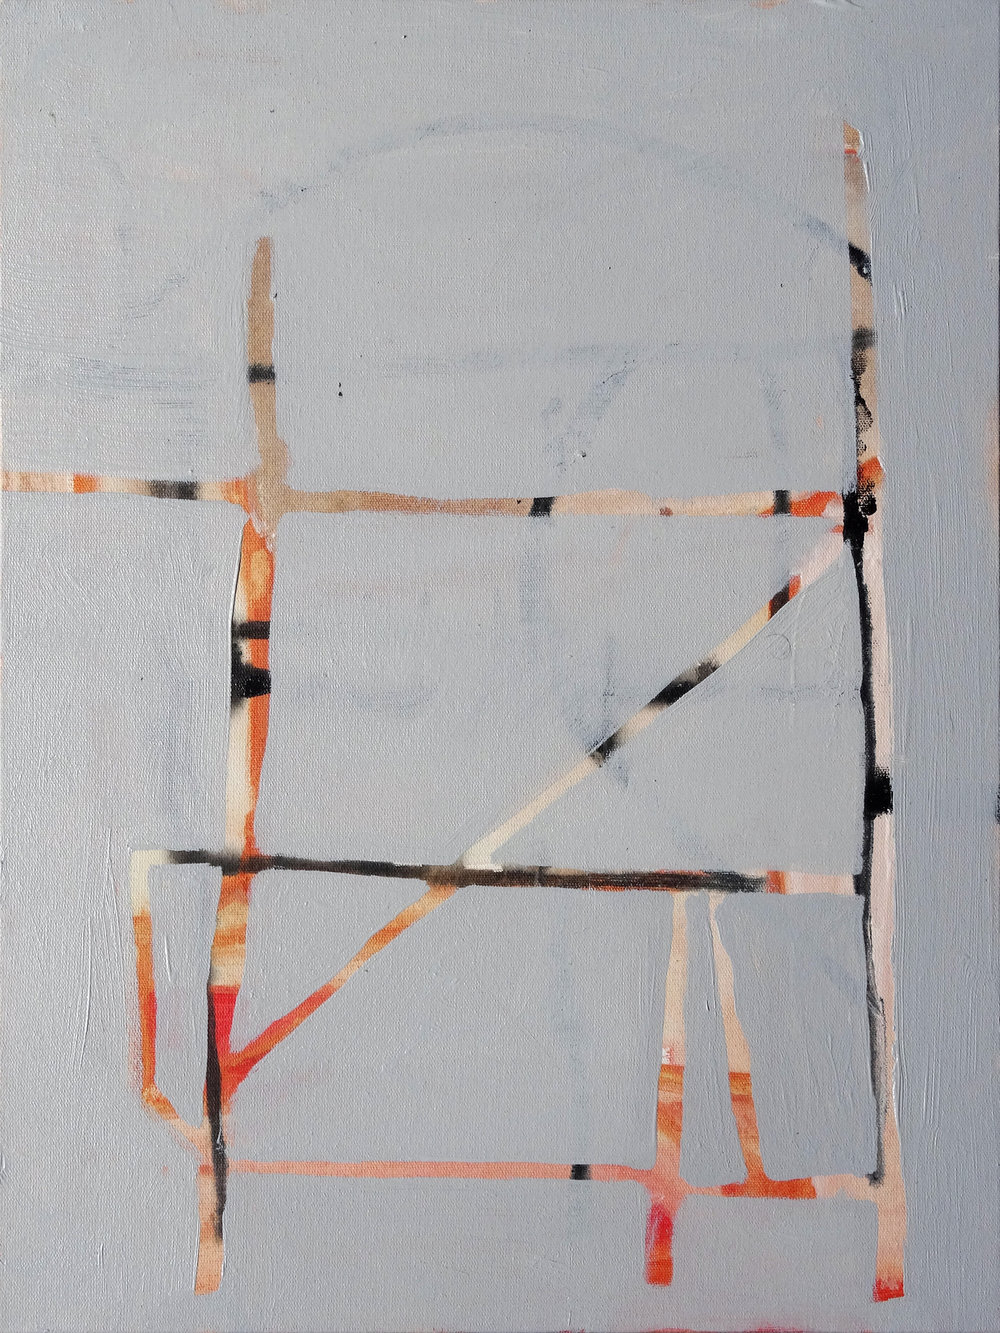 2017, 40 x 30 cm, Acrylic on canvas